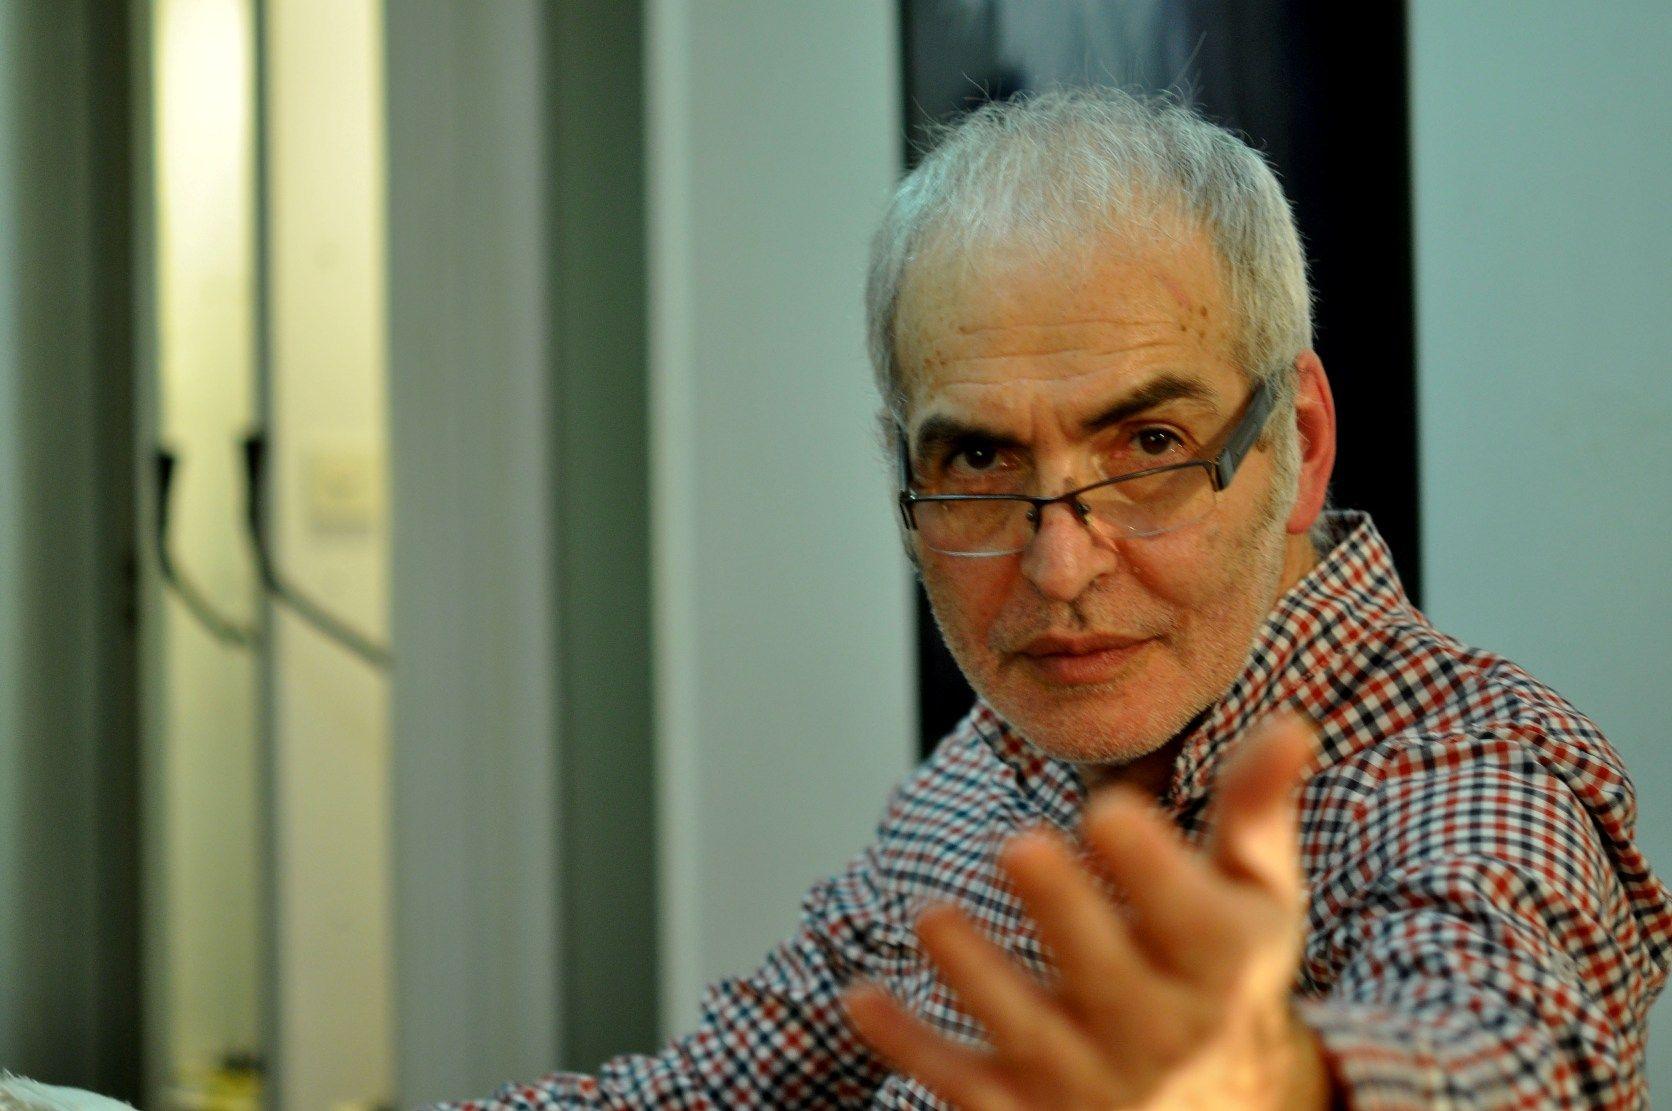 Falleció a los 67 años el cineasta Jorge Polaco